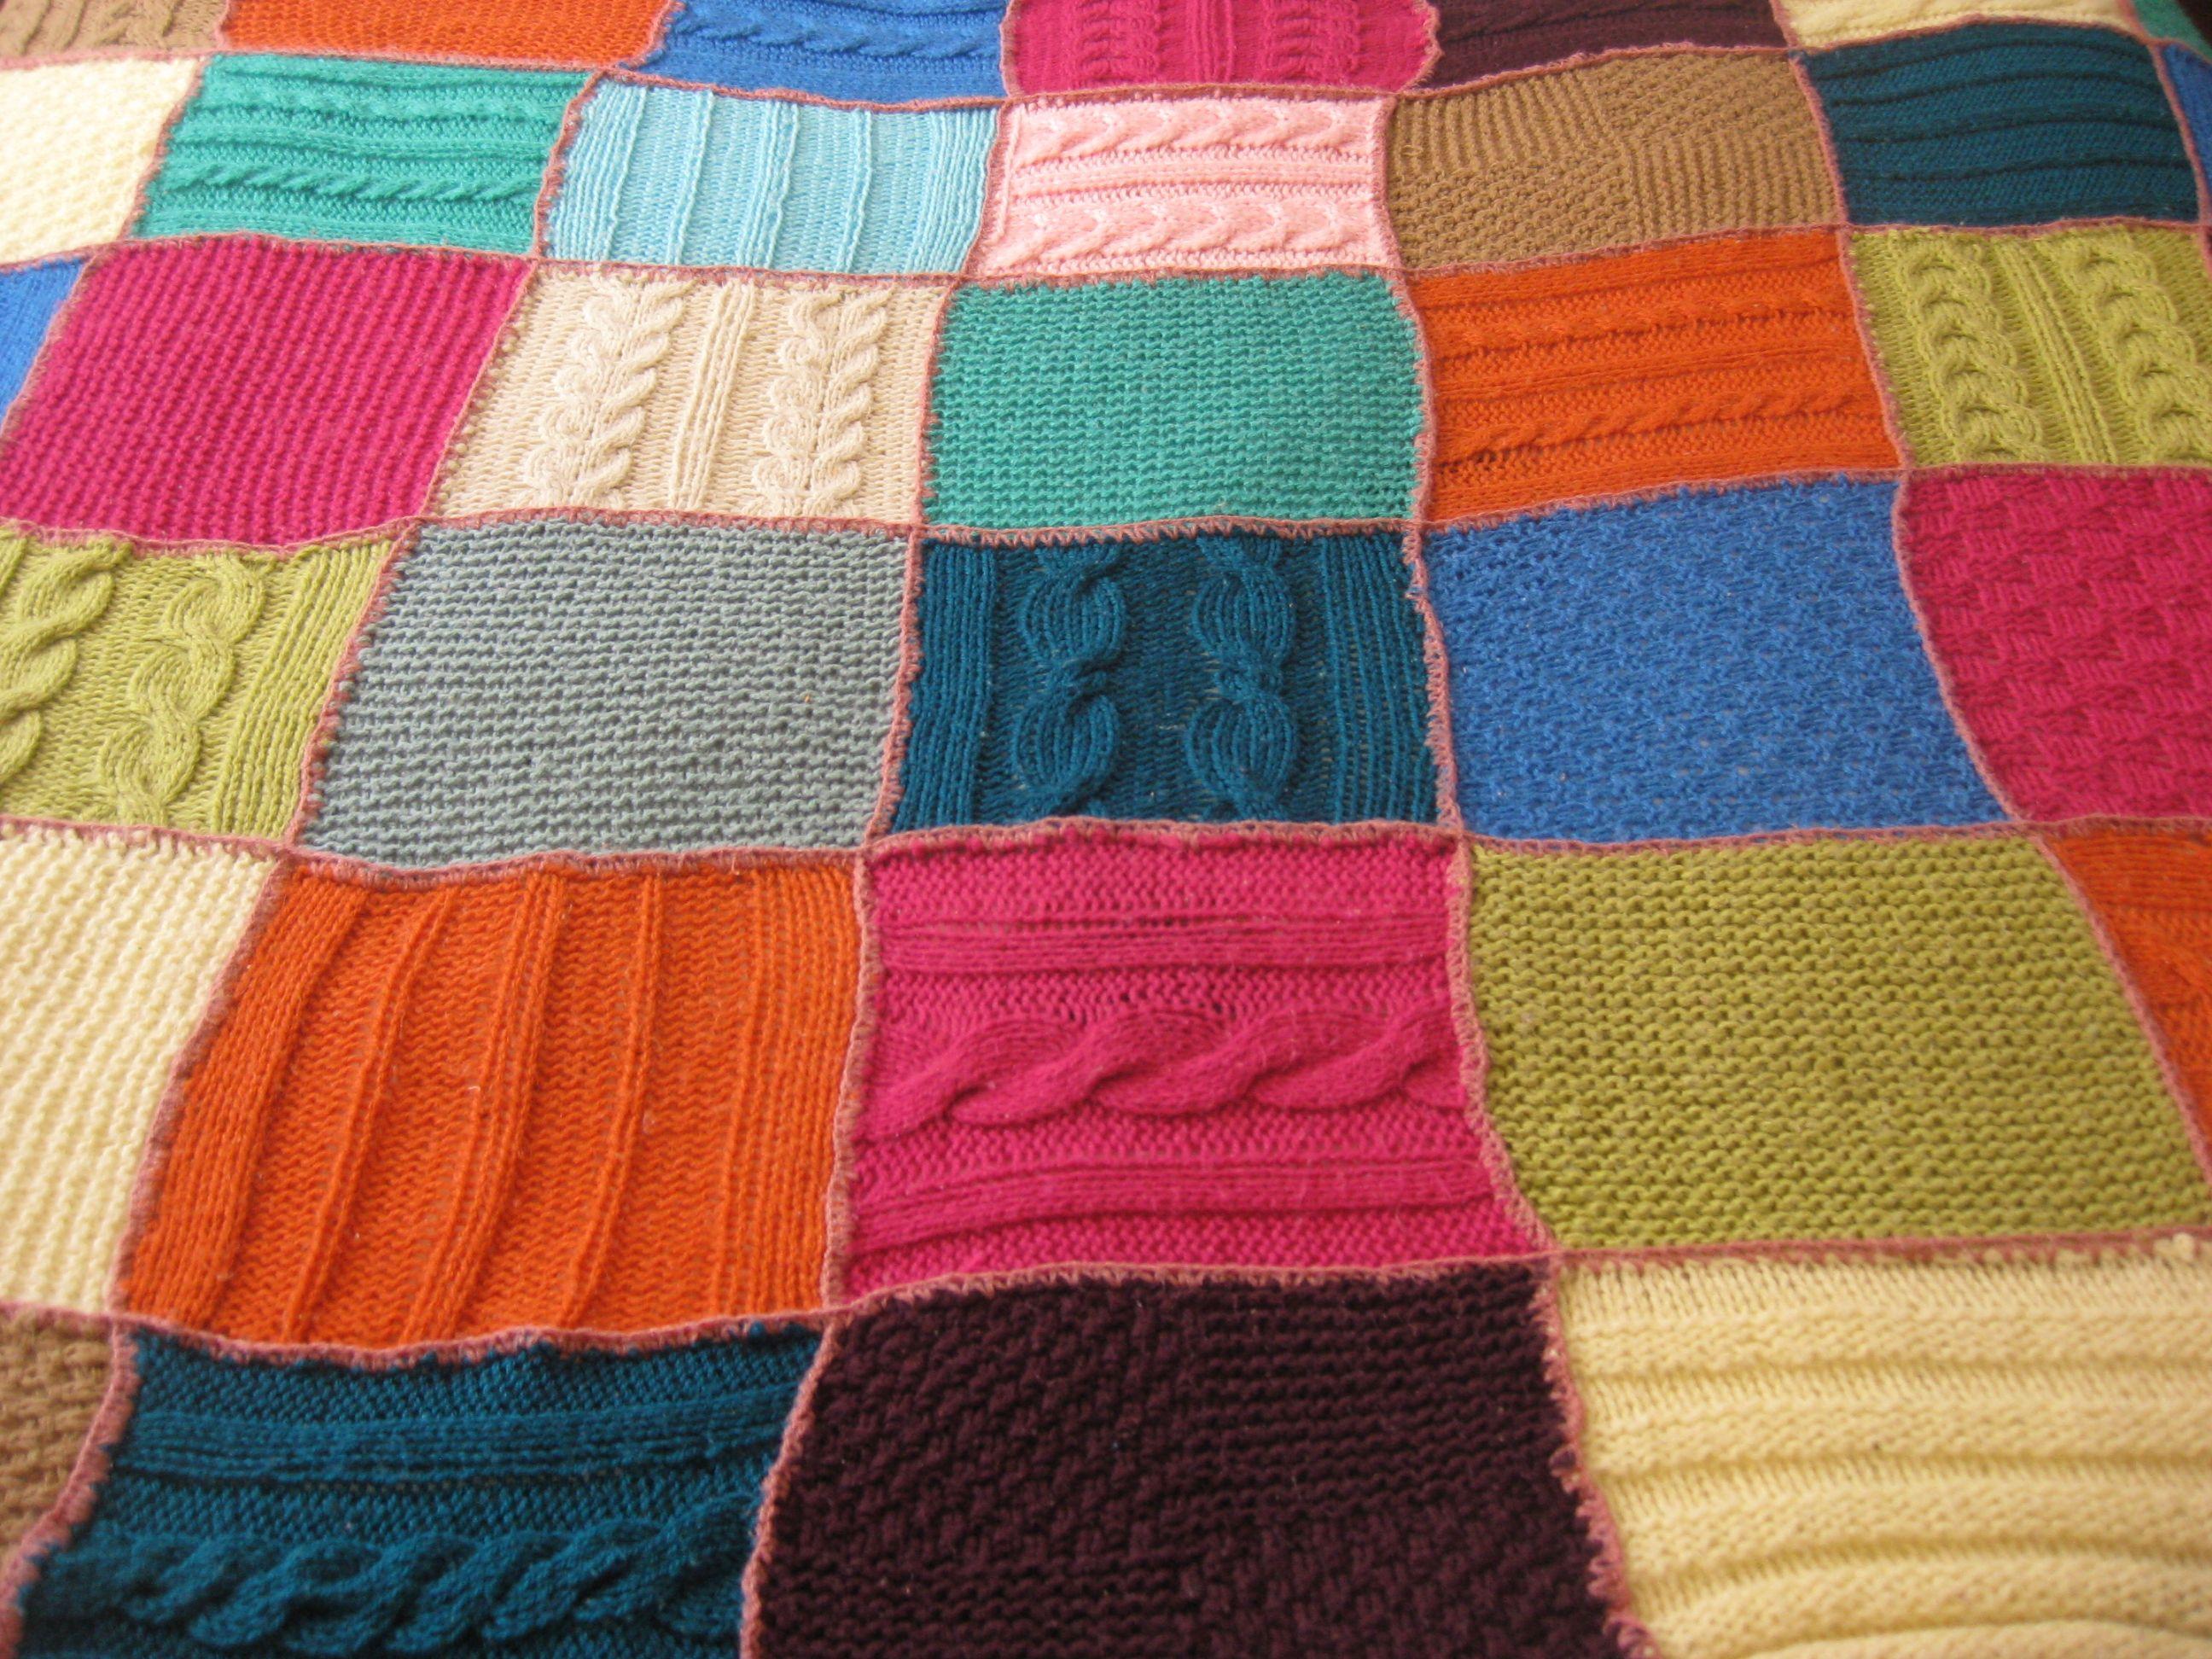 36ac59617 Manta de lana a cuadros | ComoIgual | TEJIDOS | Mantas, Manta de ...